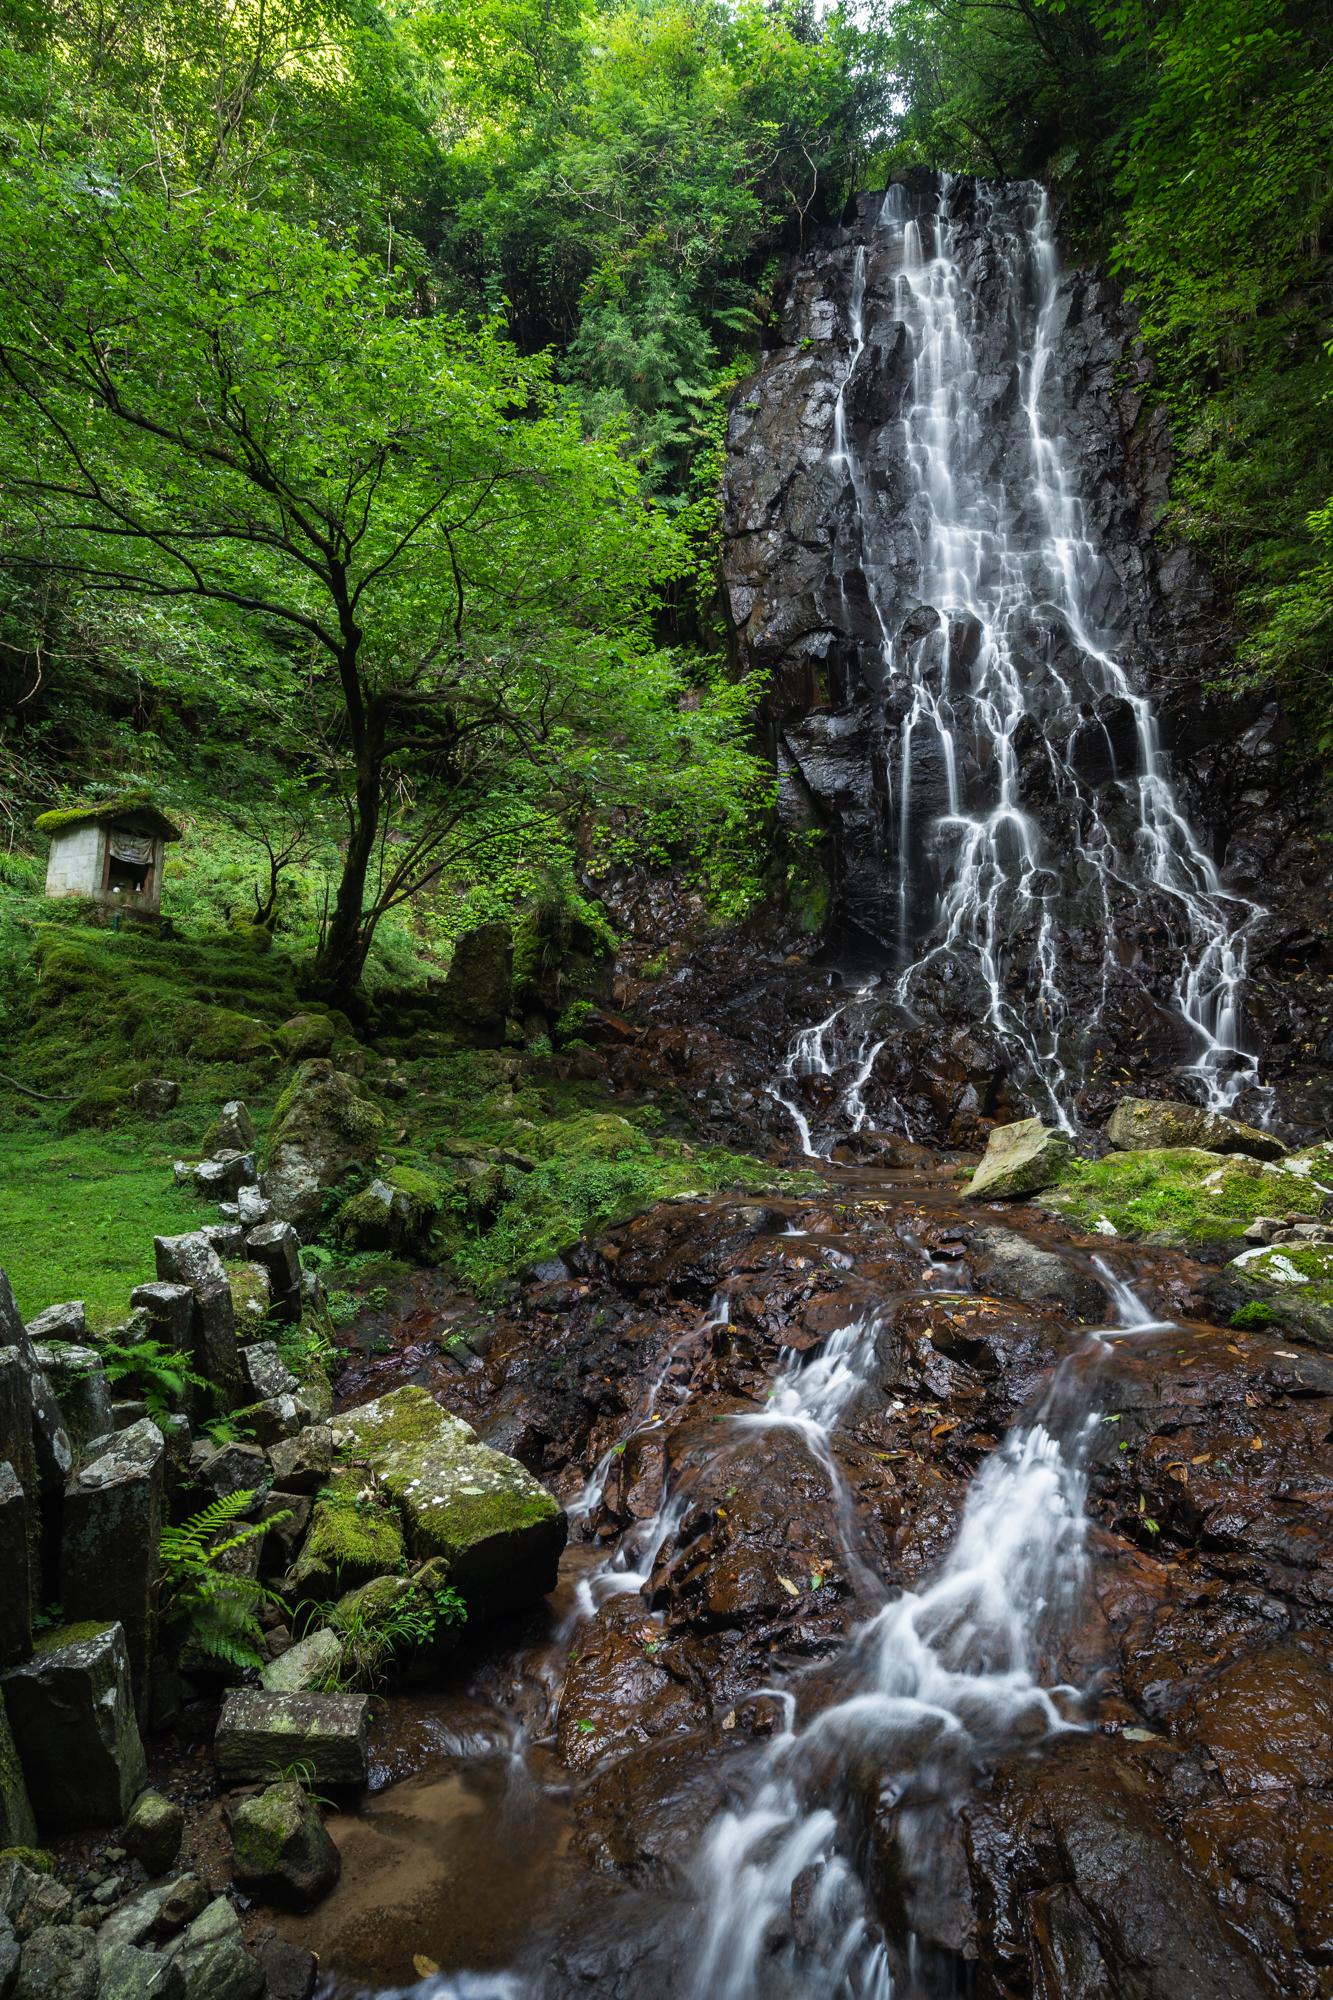 DSC01607 京都府    霧降りの滝 ( 京都の丹後半島観光におすすめ! 滝が観れる撮影スポット! アクセス・駐車場情報や撮影ポイントなど!!)